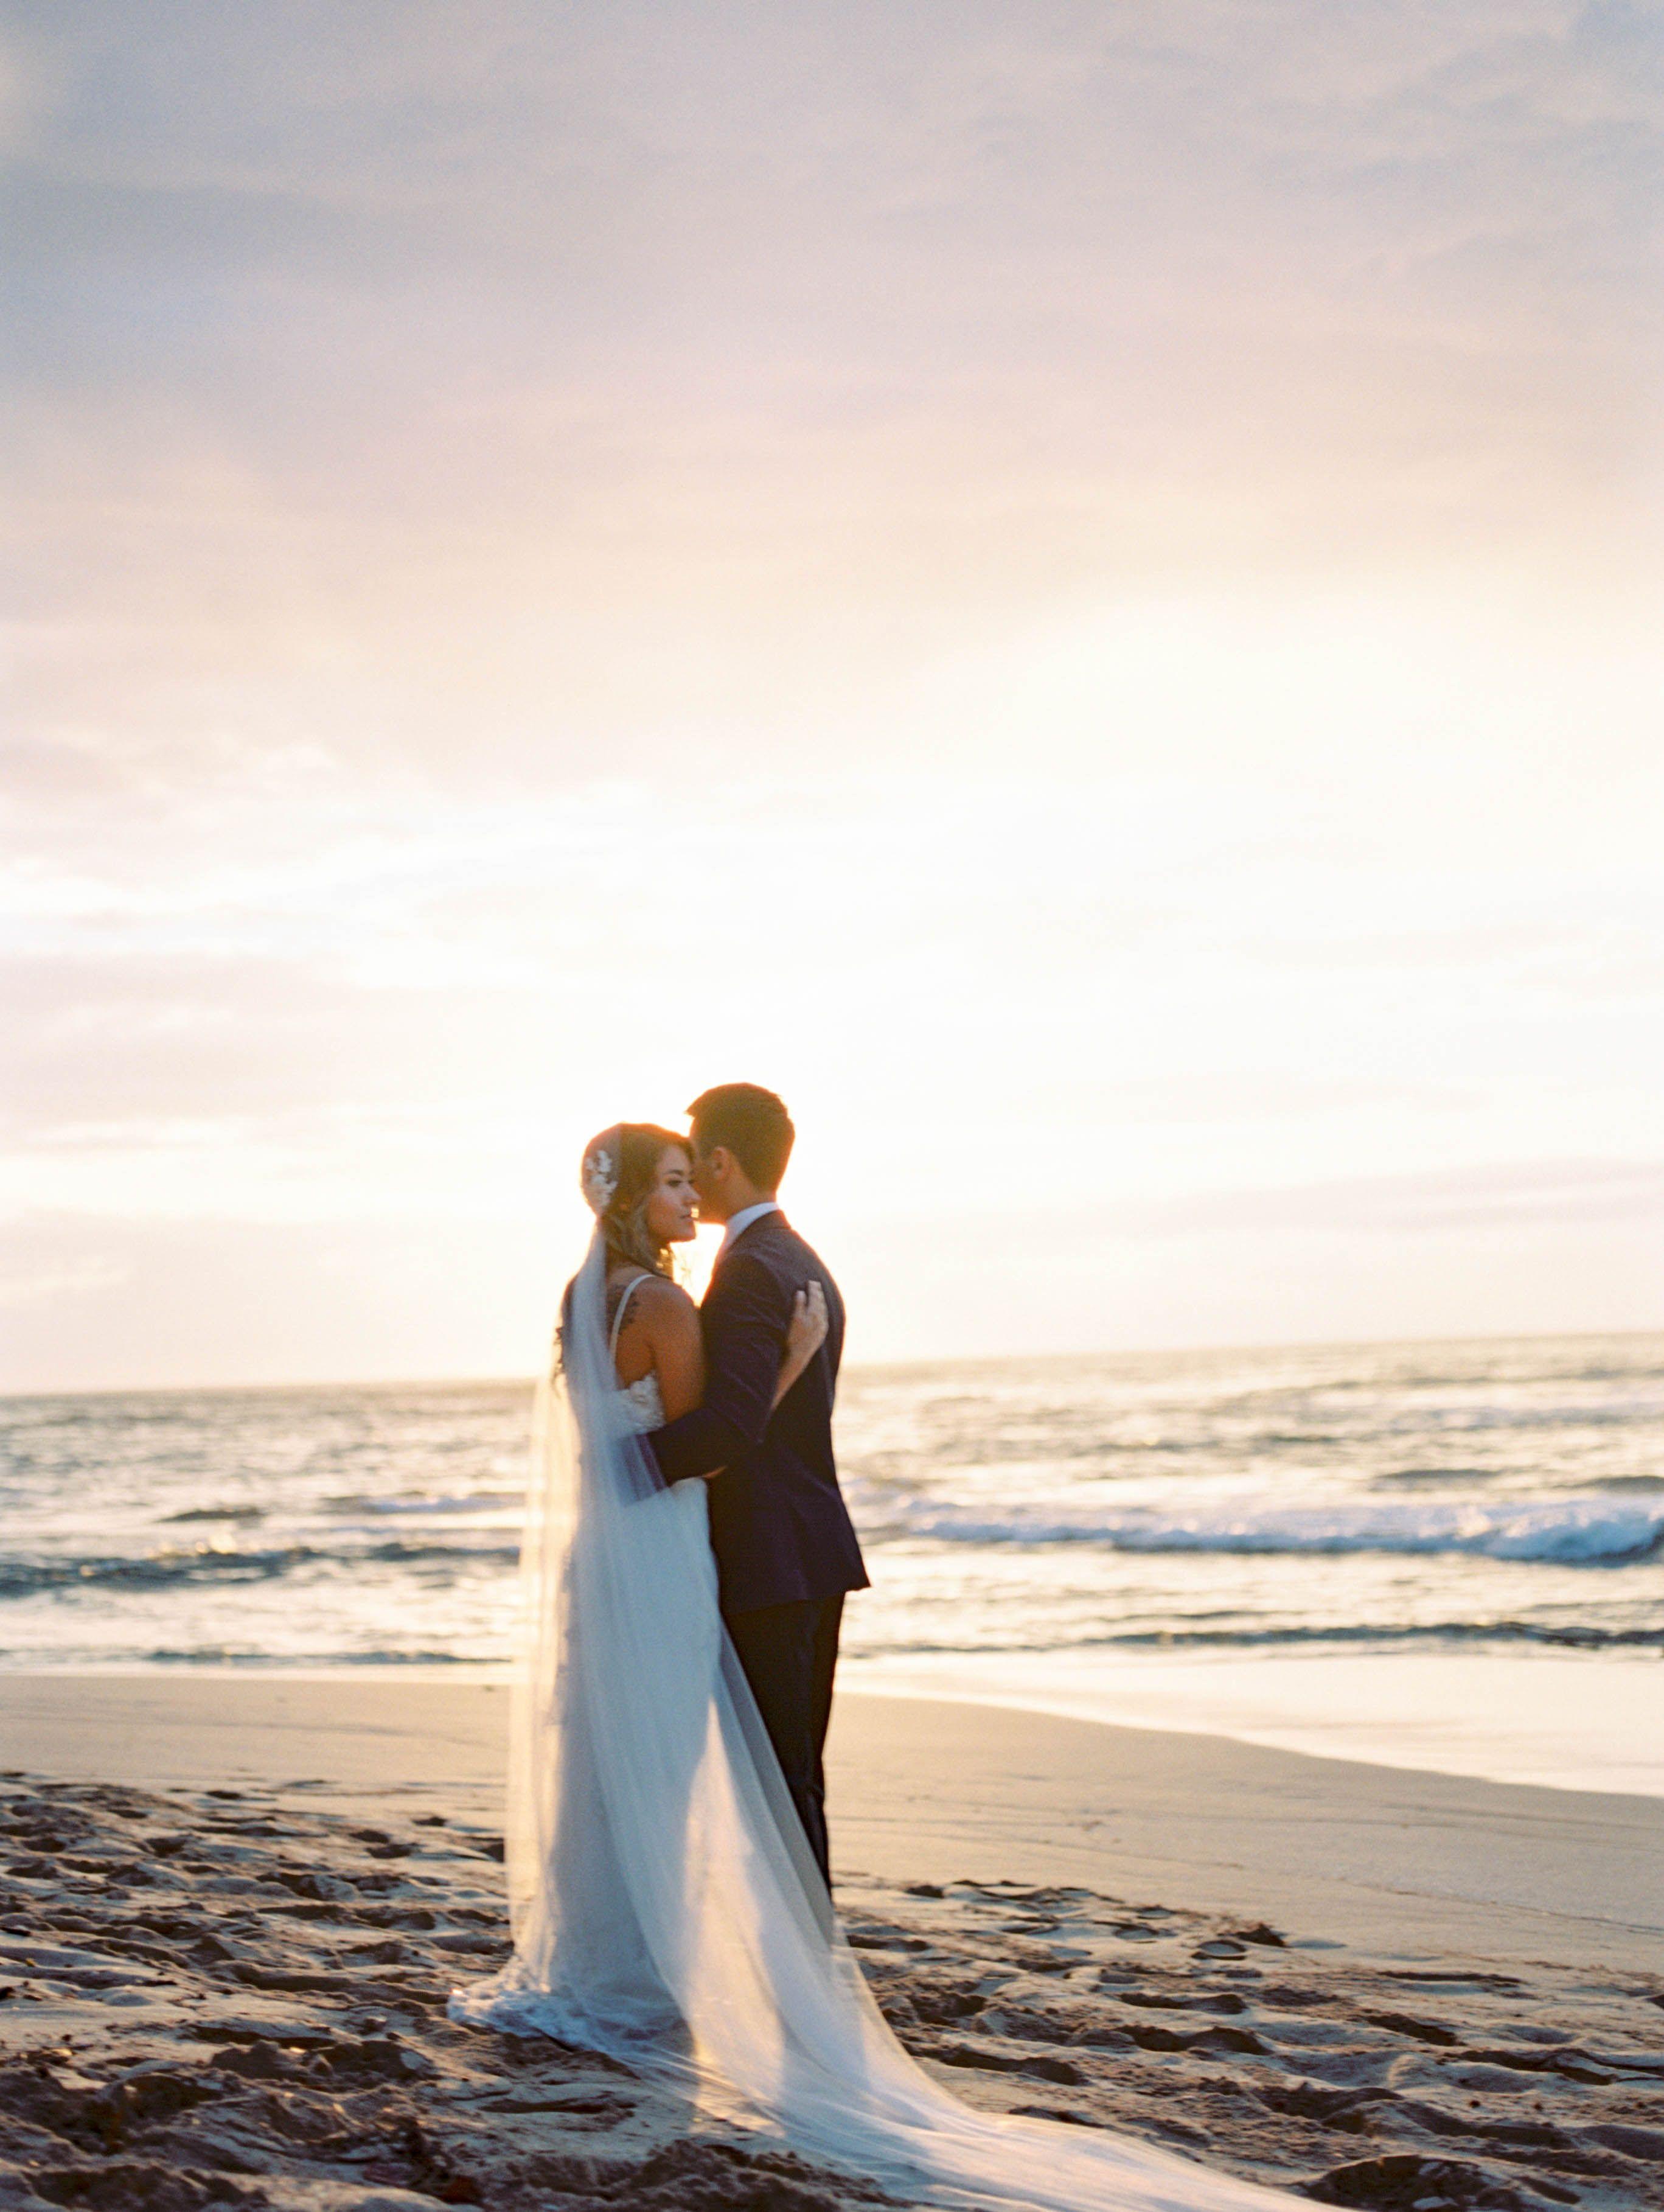 Sunset Beach Wedding Photos Sunset Beach Weddings Beach Photos Beach Wedding Photos